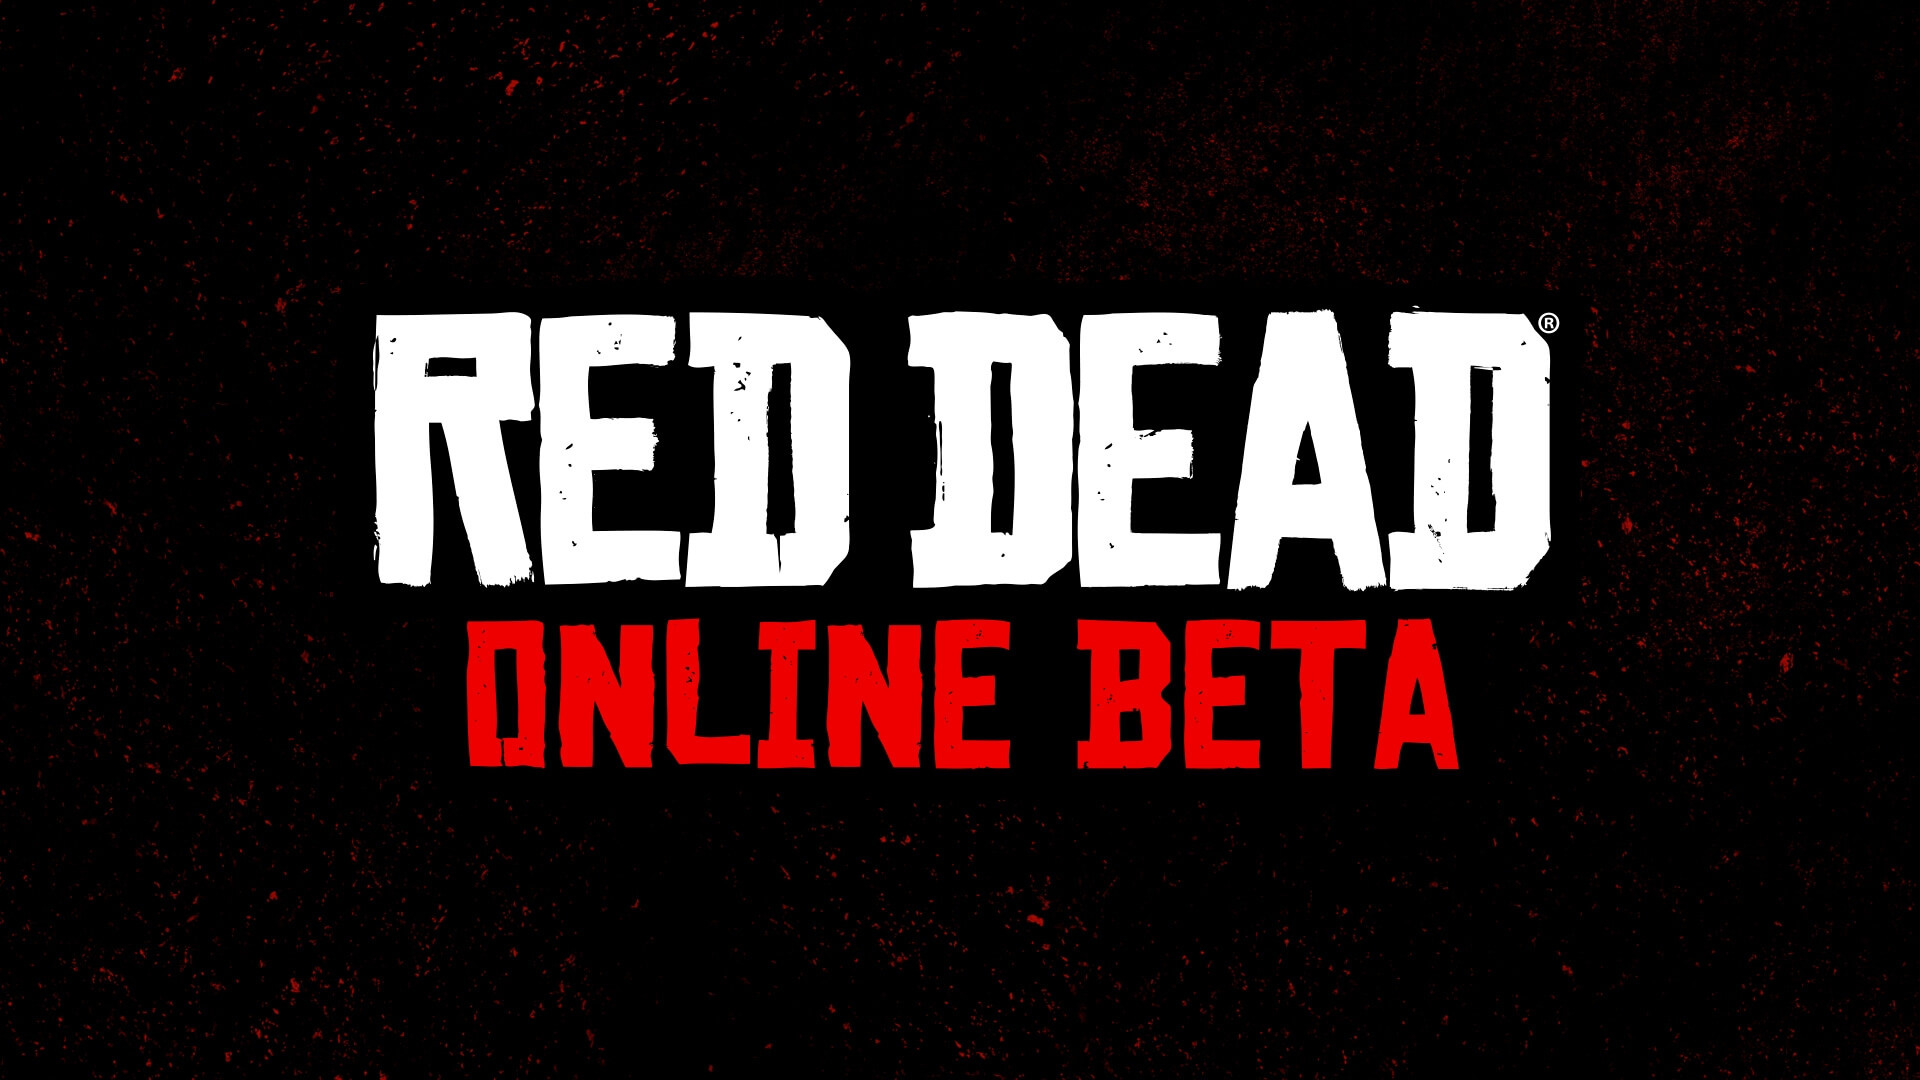 Arrêtez tout, la bêta Online de Red Dead Redemption 2 est disponible !